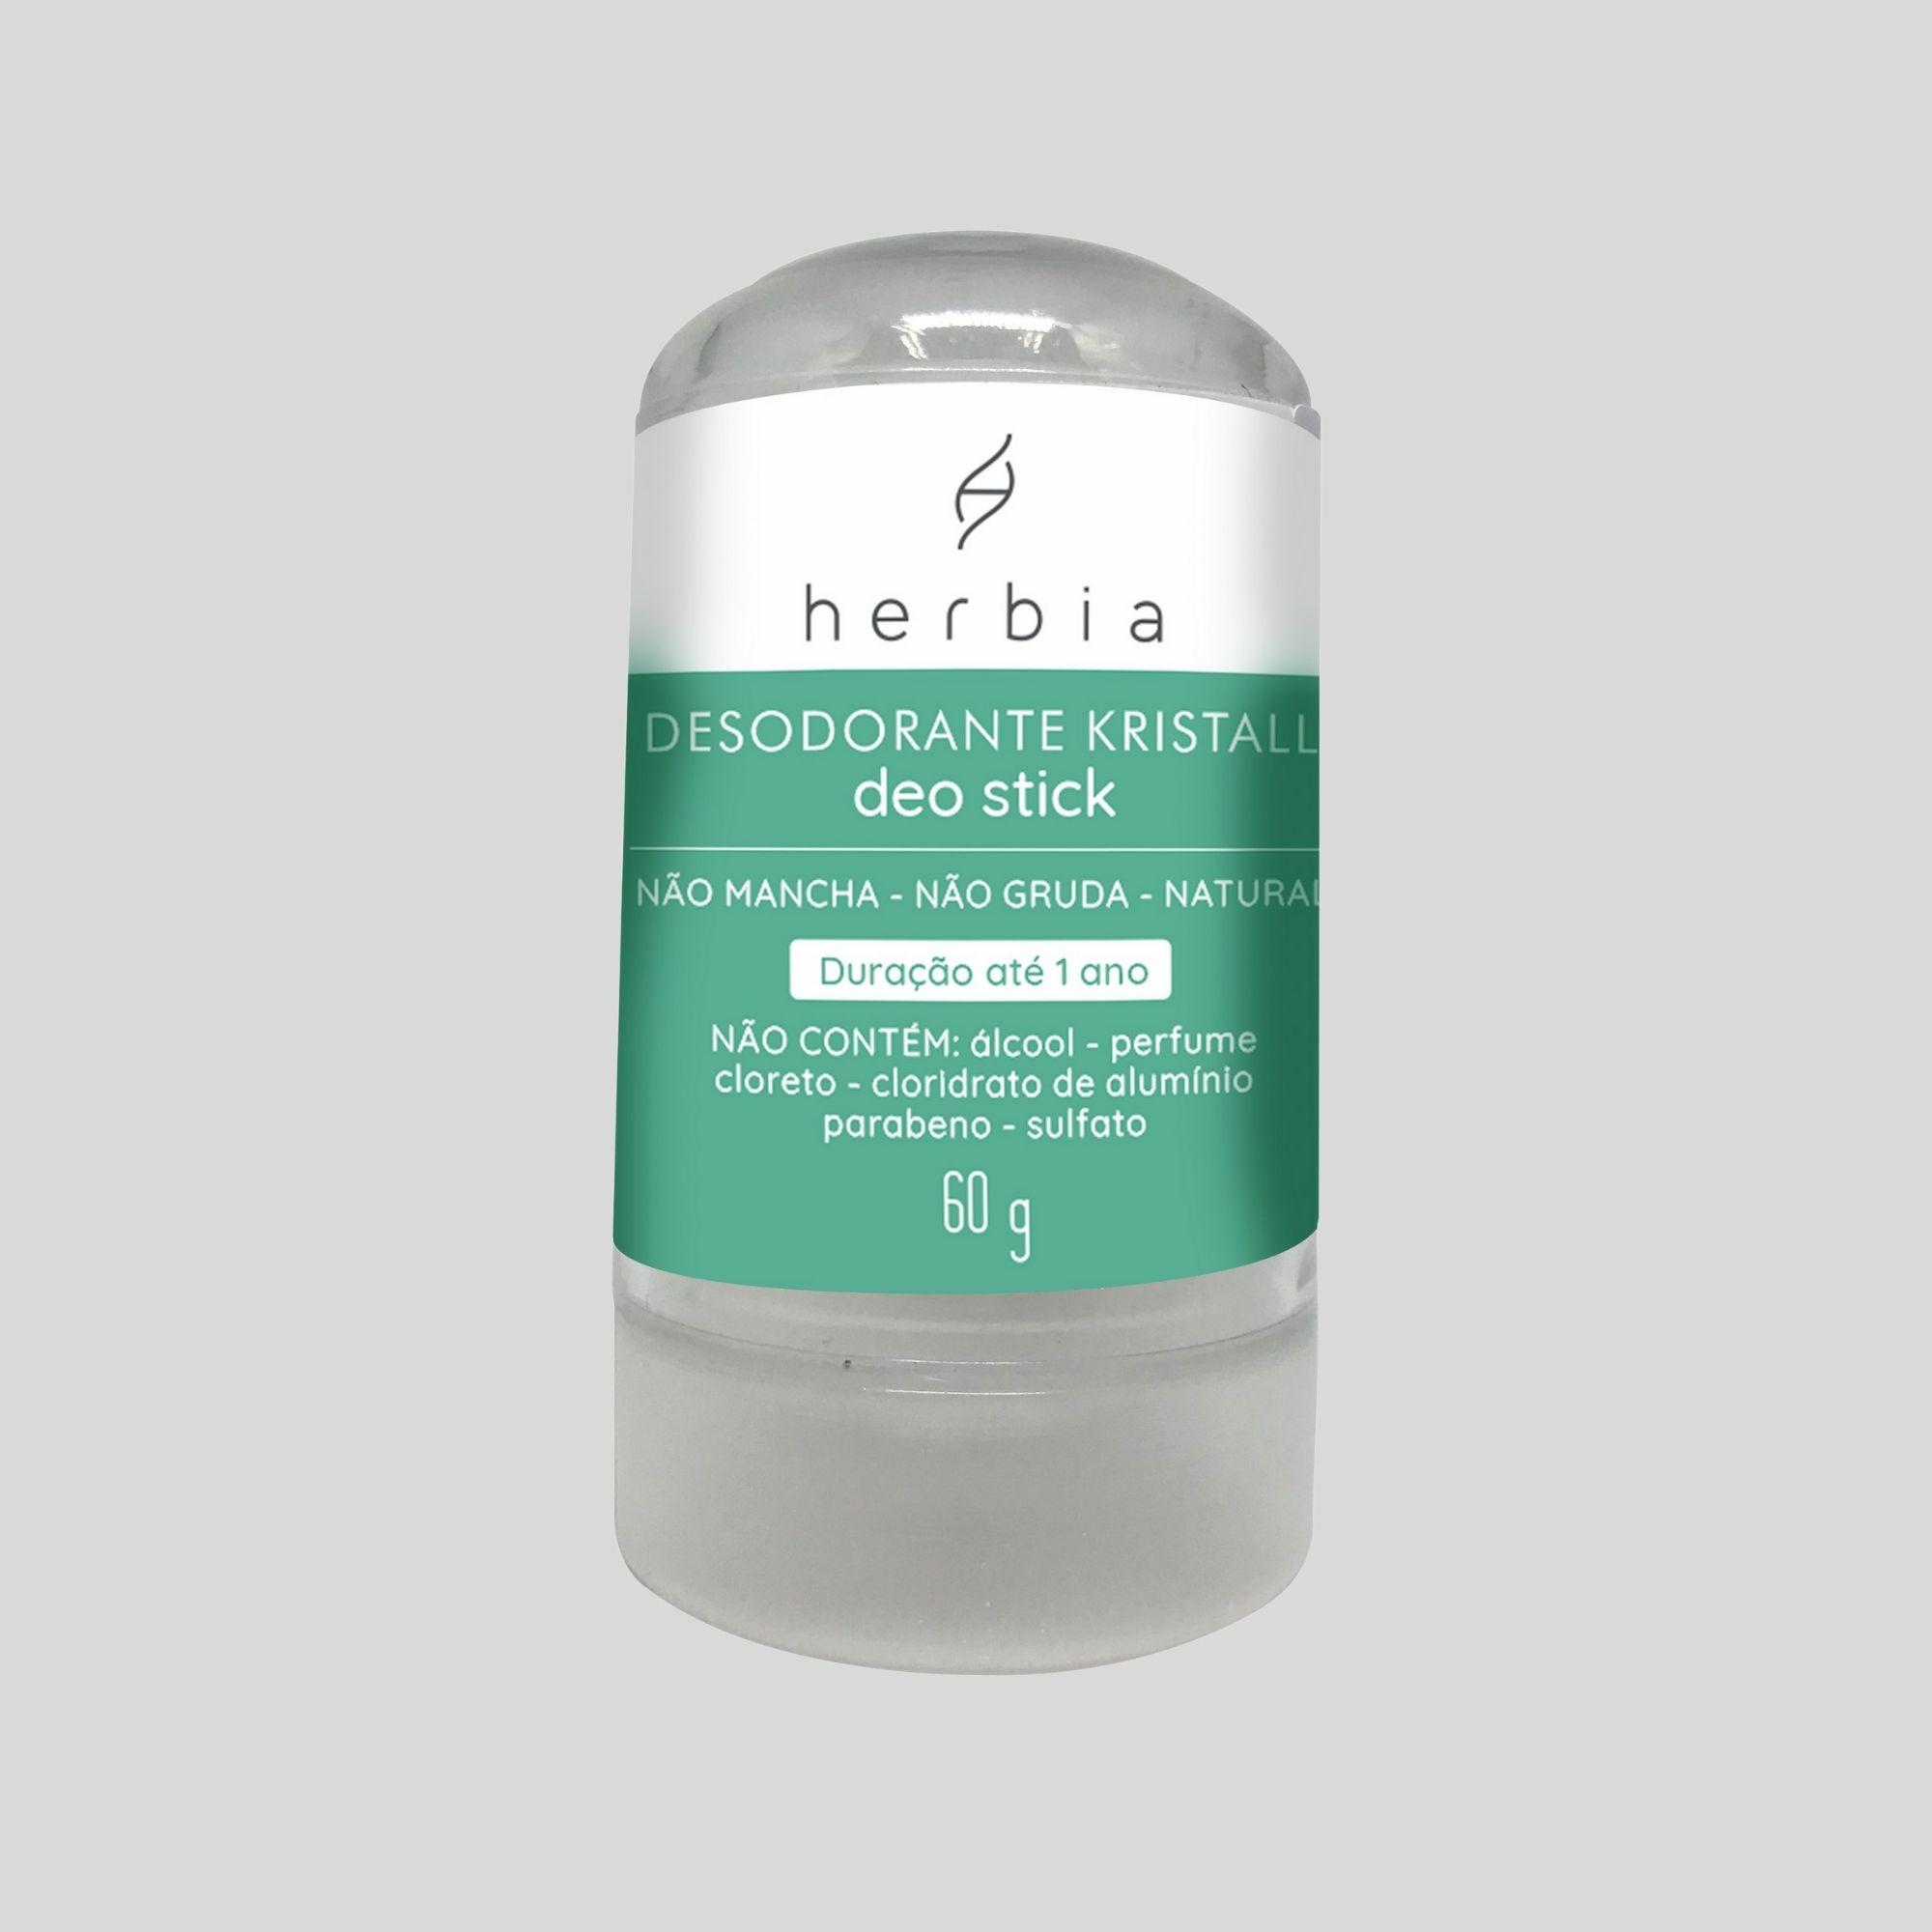 Desodorante Kristall Deo Stick Natural e Vegano Herbia 60g